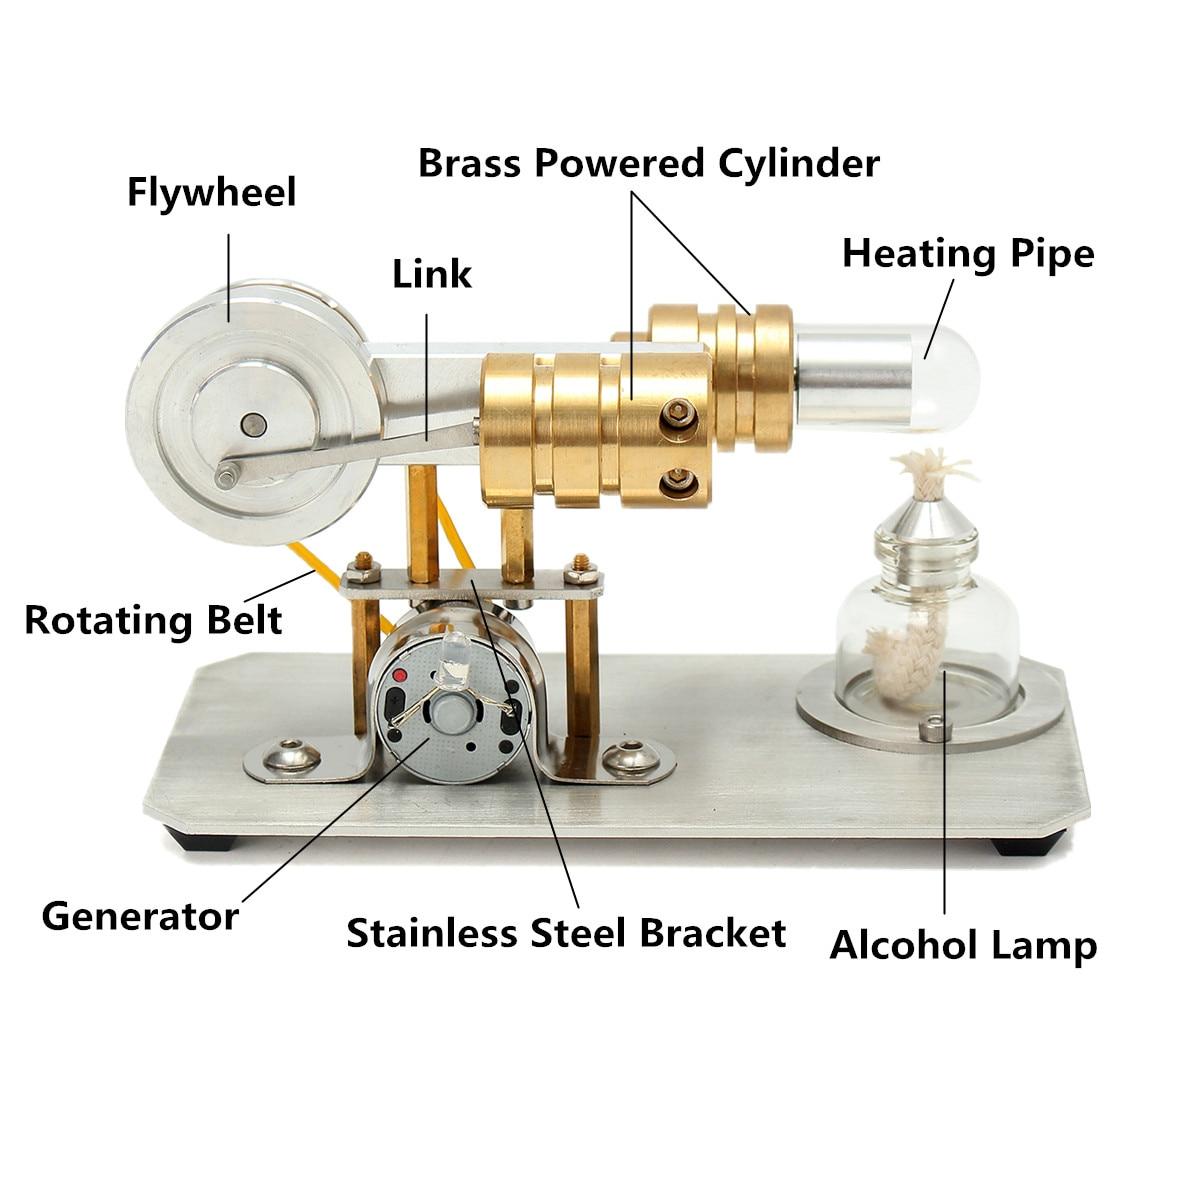 Mini moteur à Air chaud Stirling moteur modèle jouet éducatif Kit cadeau avec moteur à lumière LED principe intuitif pour l'enseignement en classe